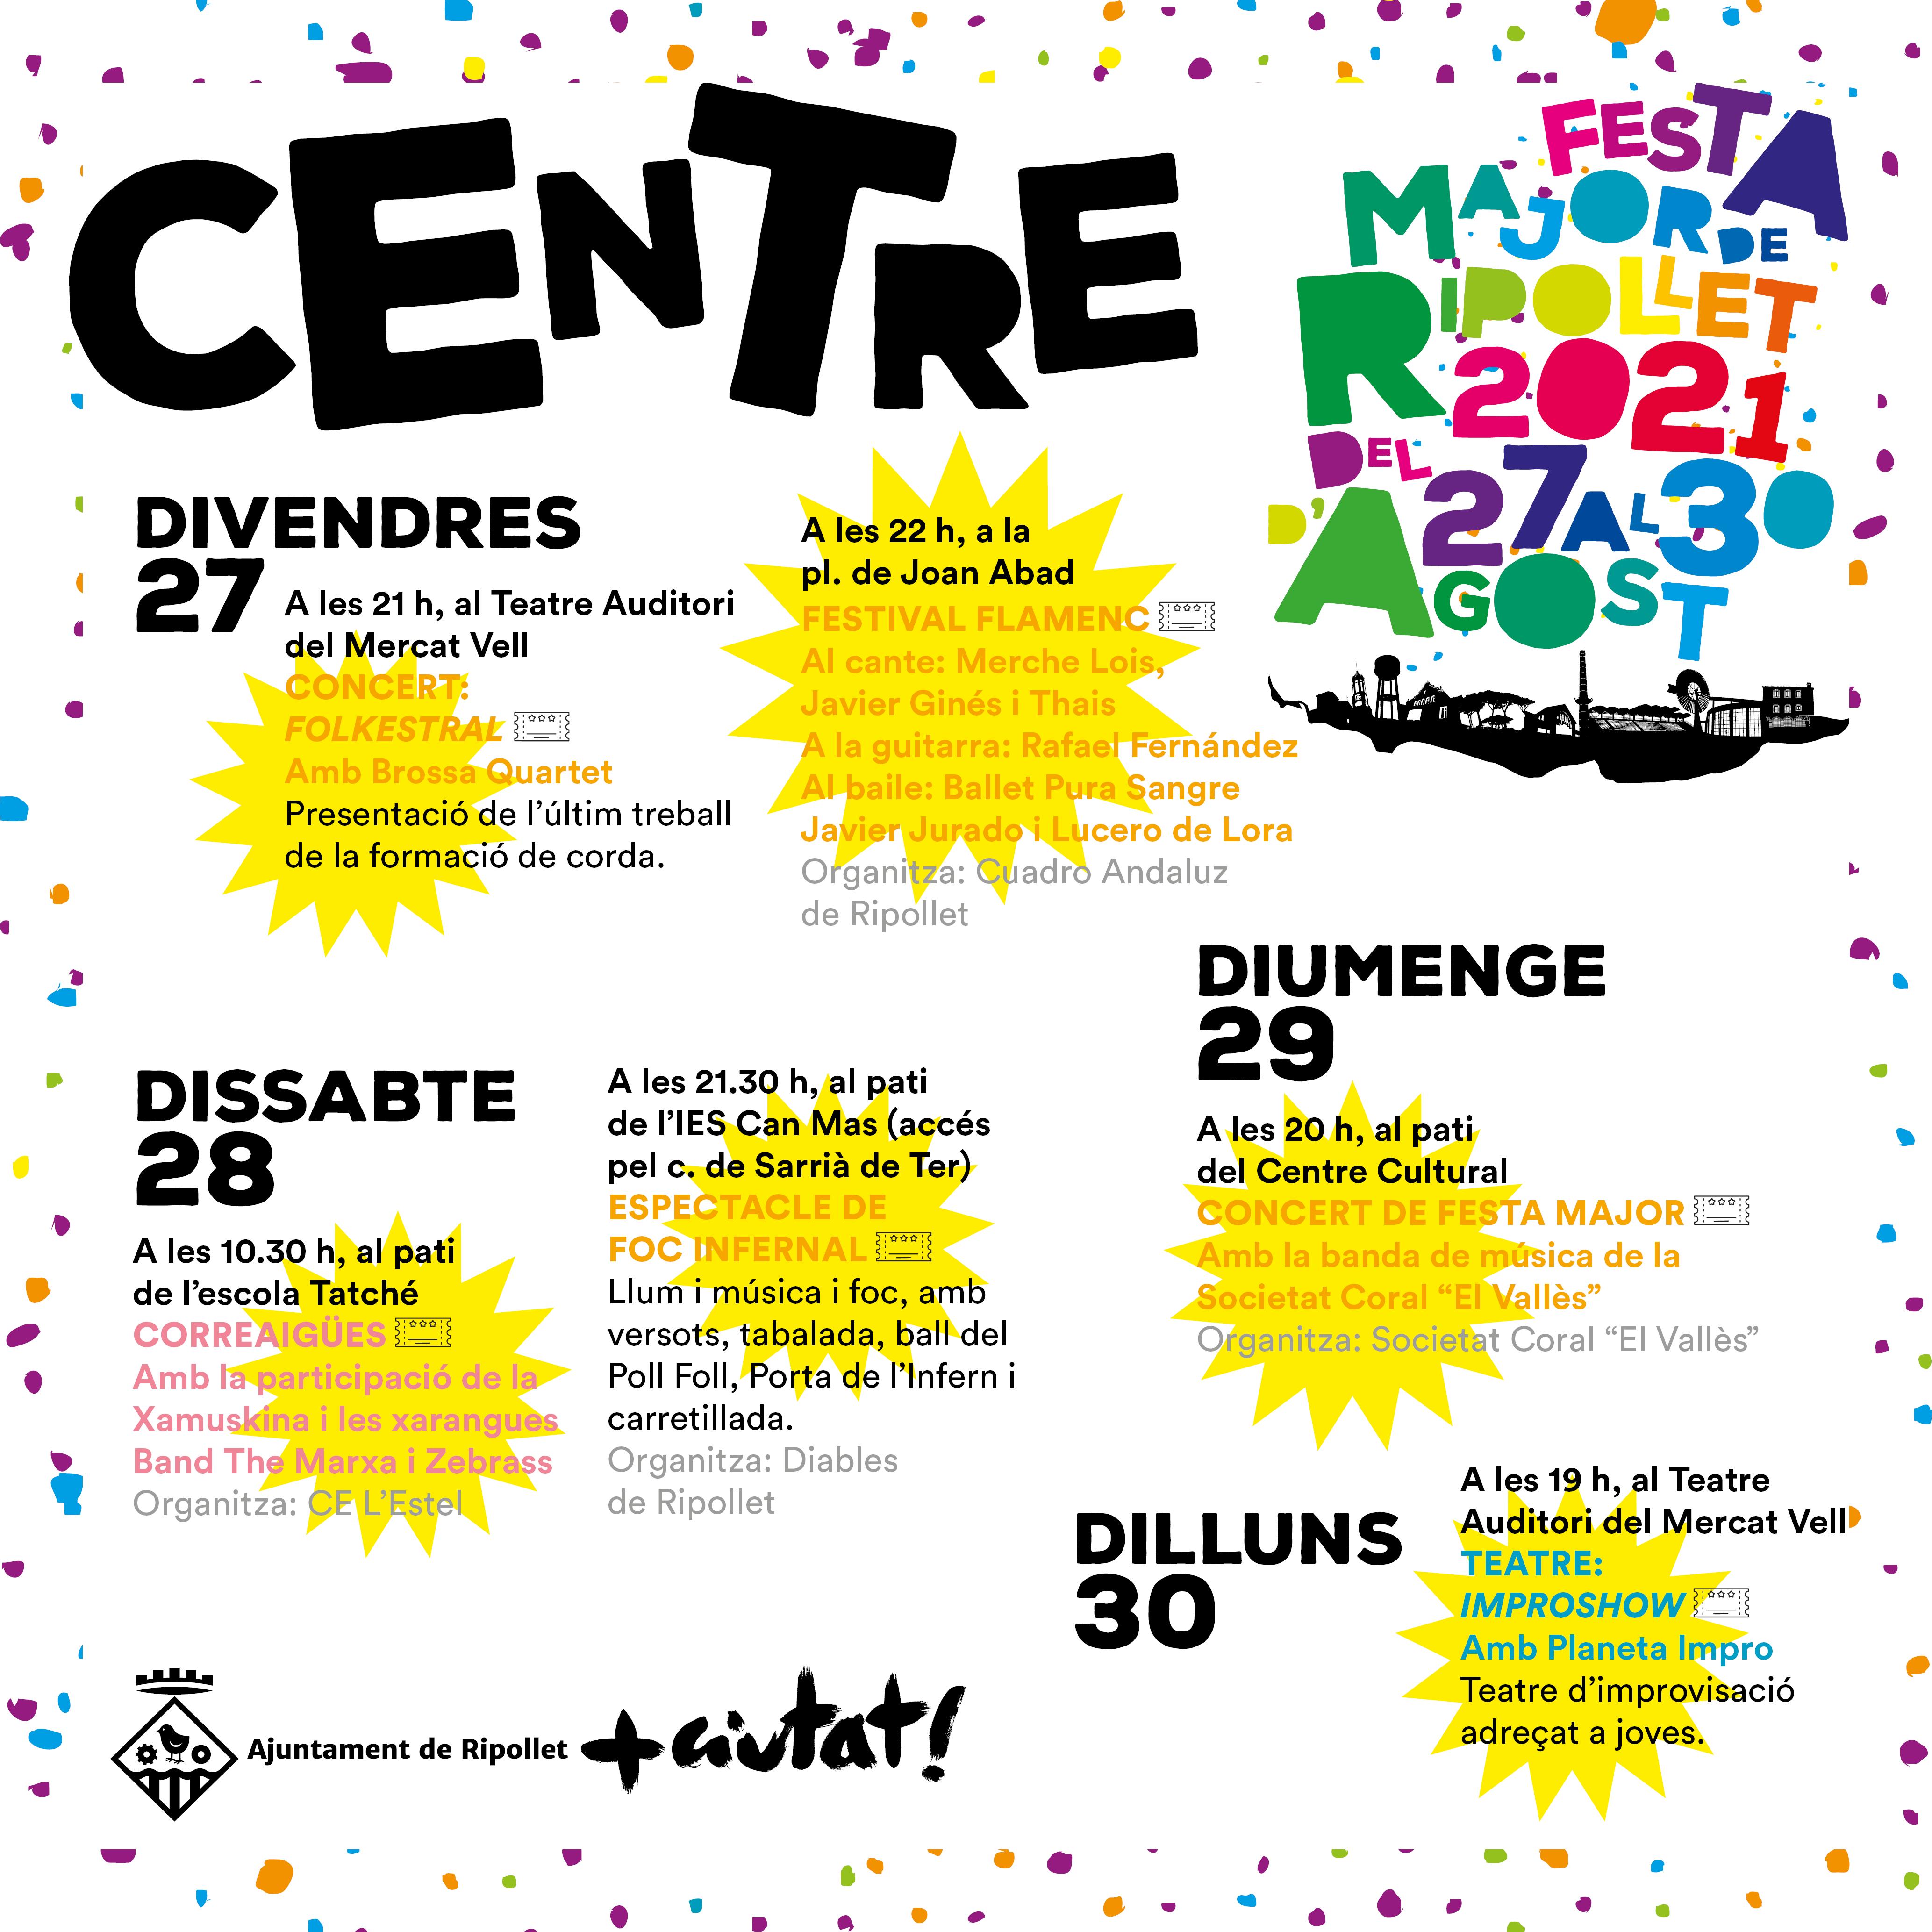 Actes destacats de la Festa Major 2021 a la zona centre